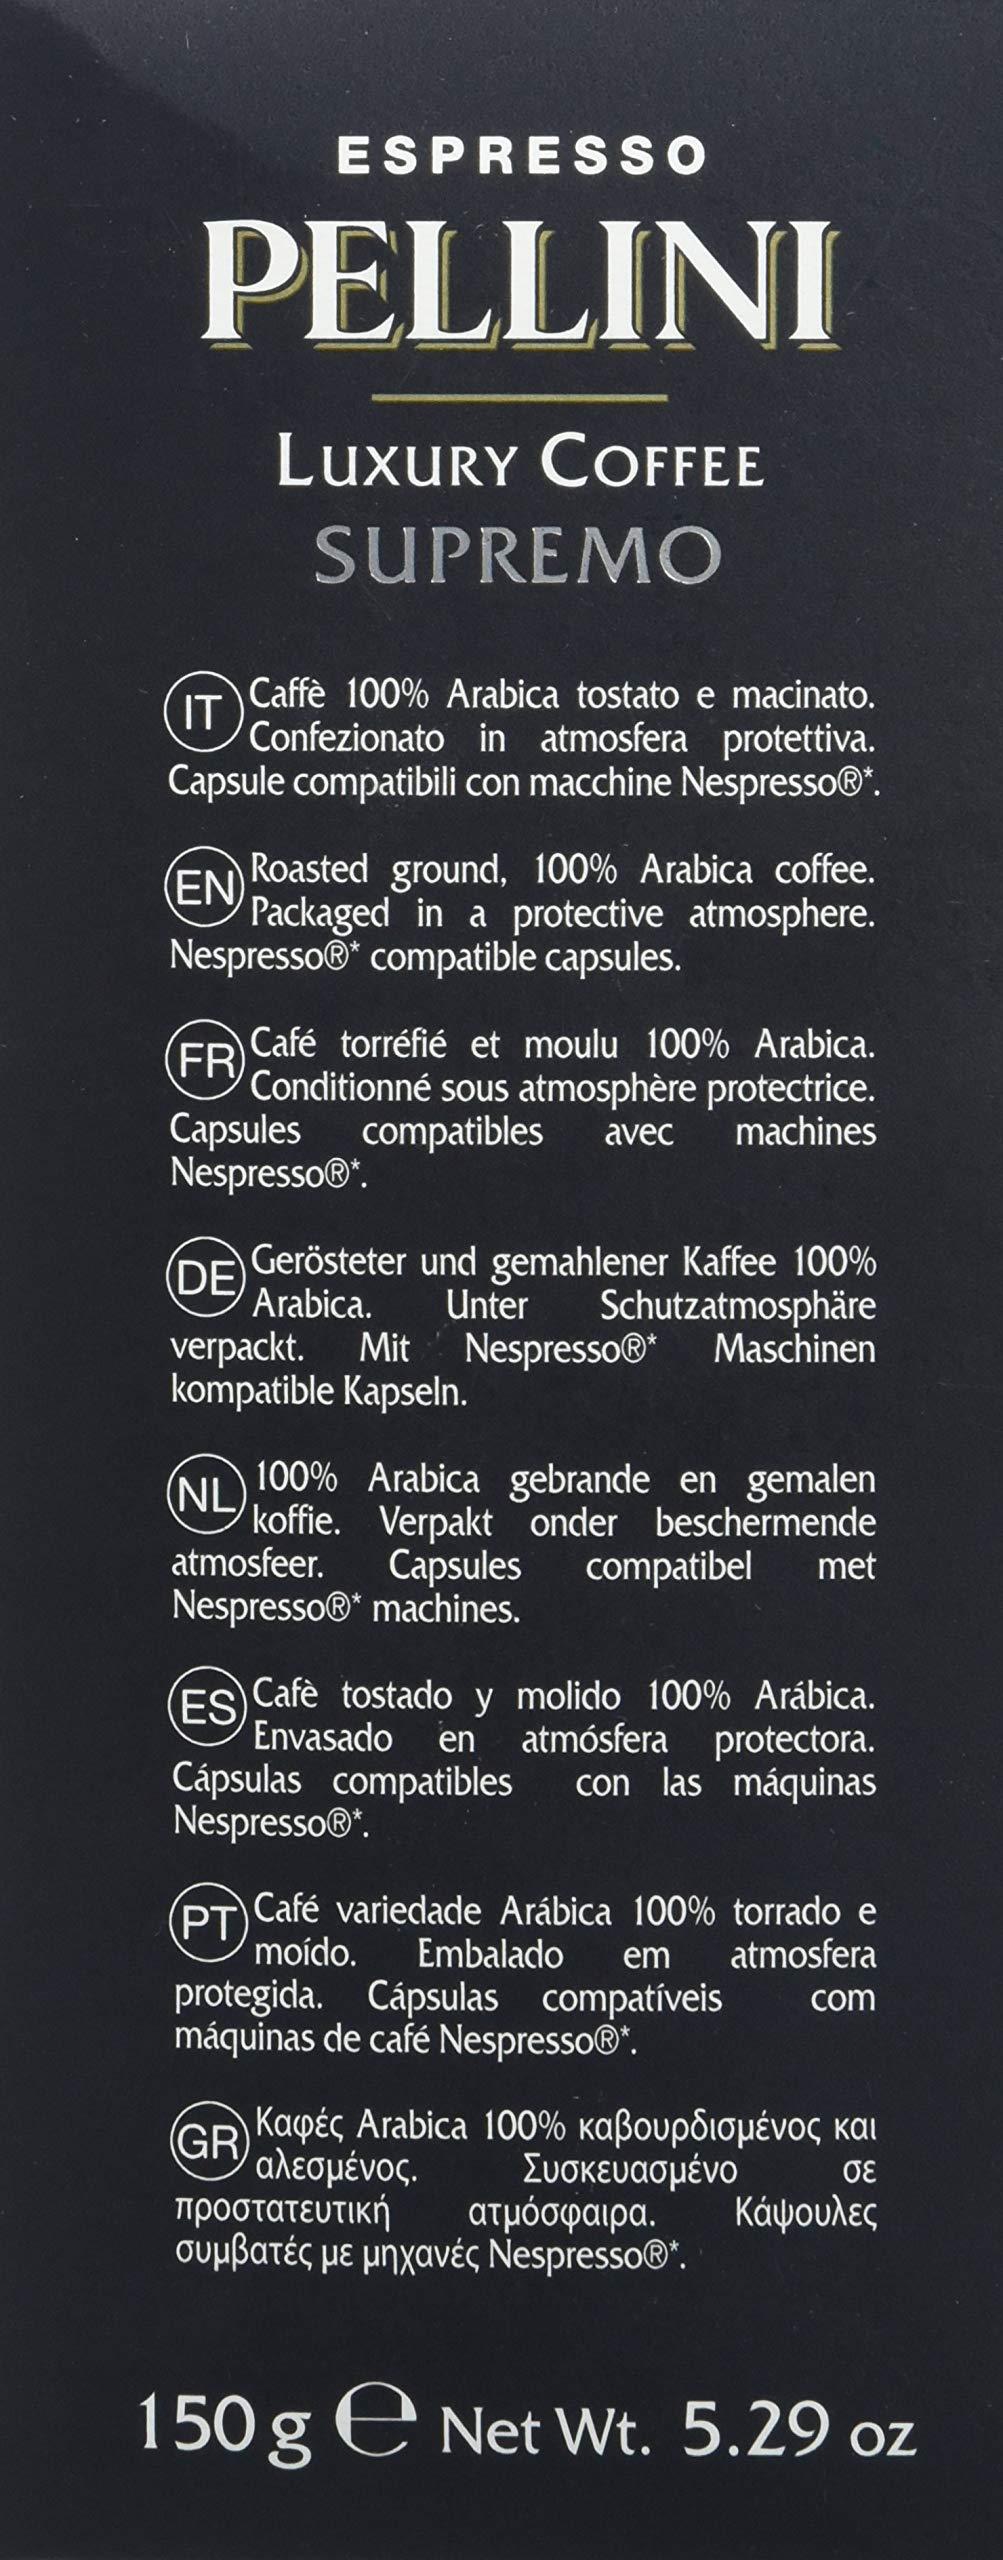 Pellini Caffè - Espresso Pellini Luxury Coffee Supremo (Astuccio da 30 Capsule), Compatibili Nespresso 2 spesavip